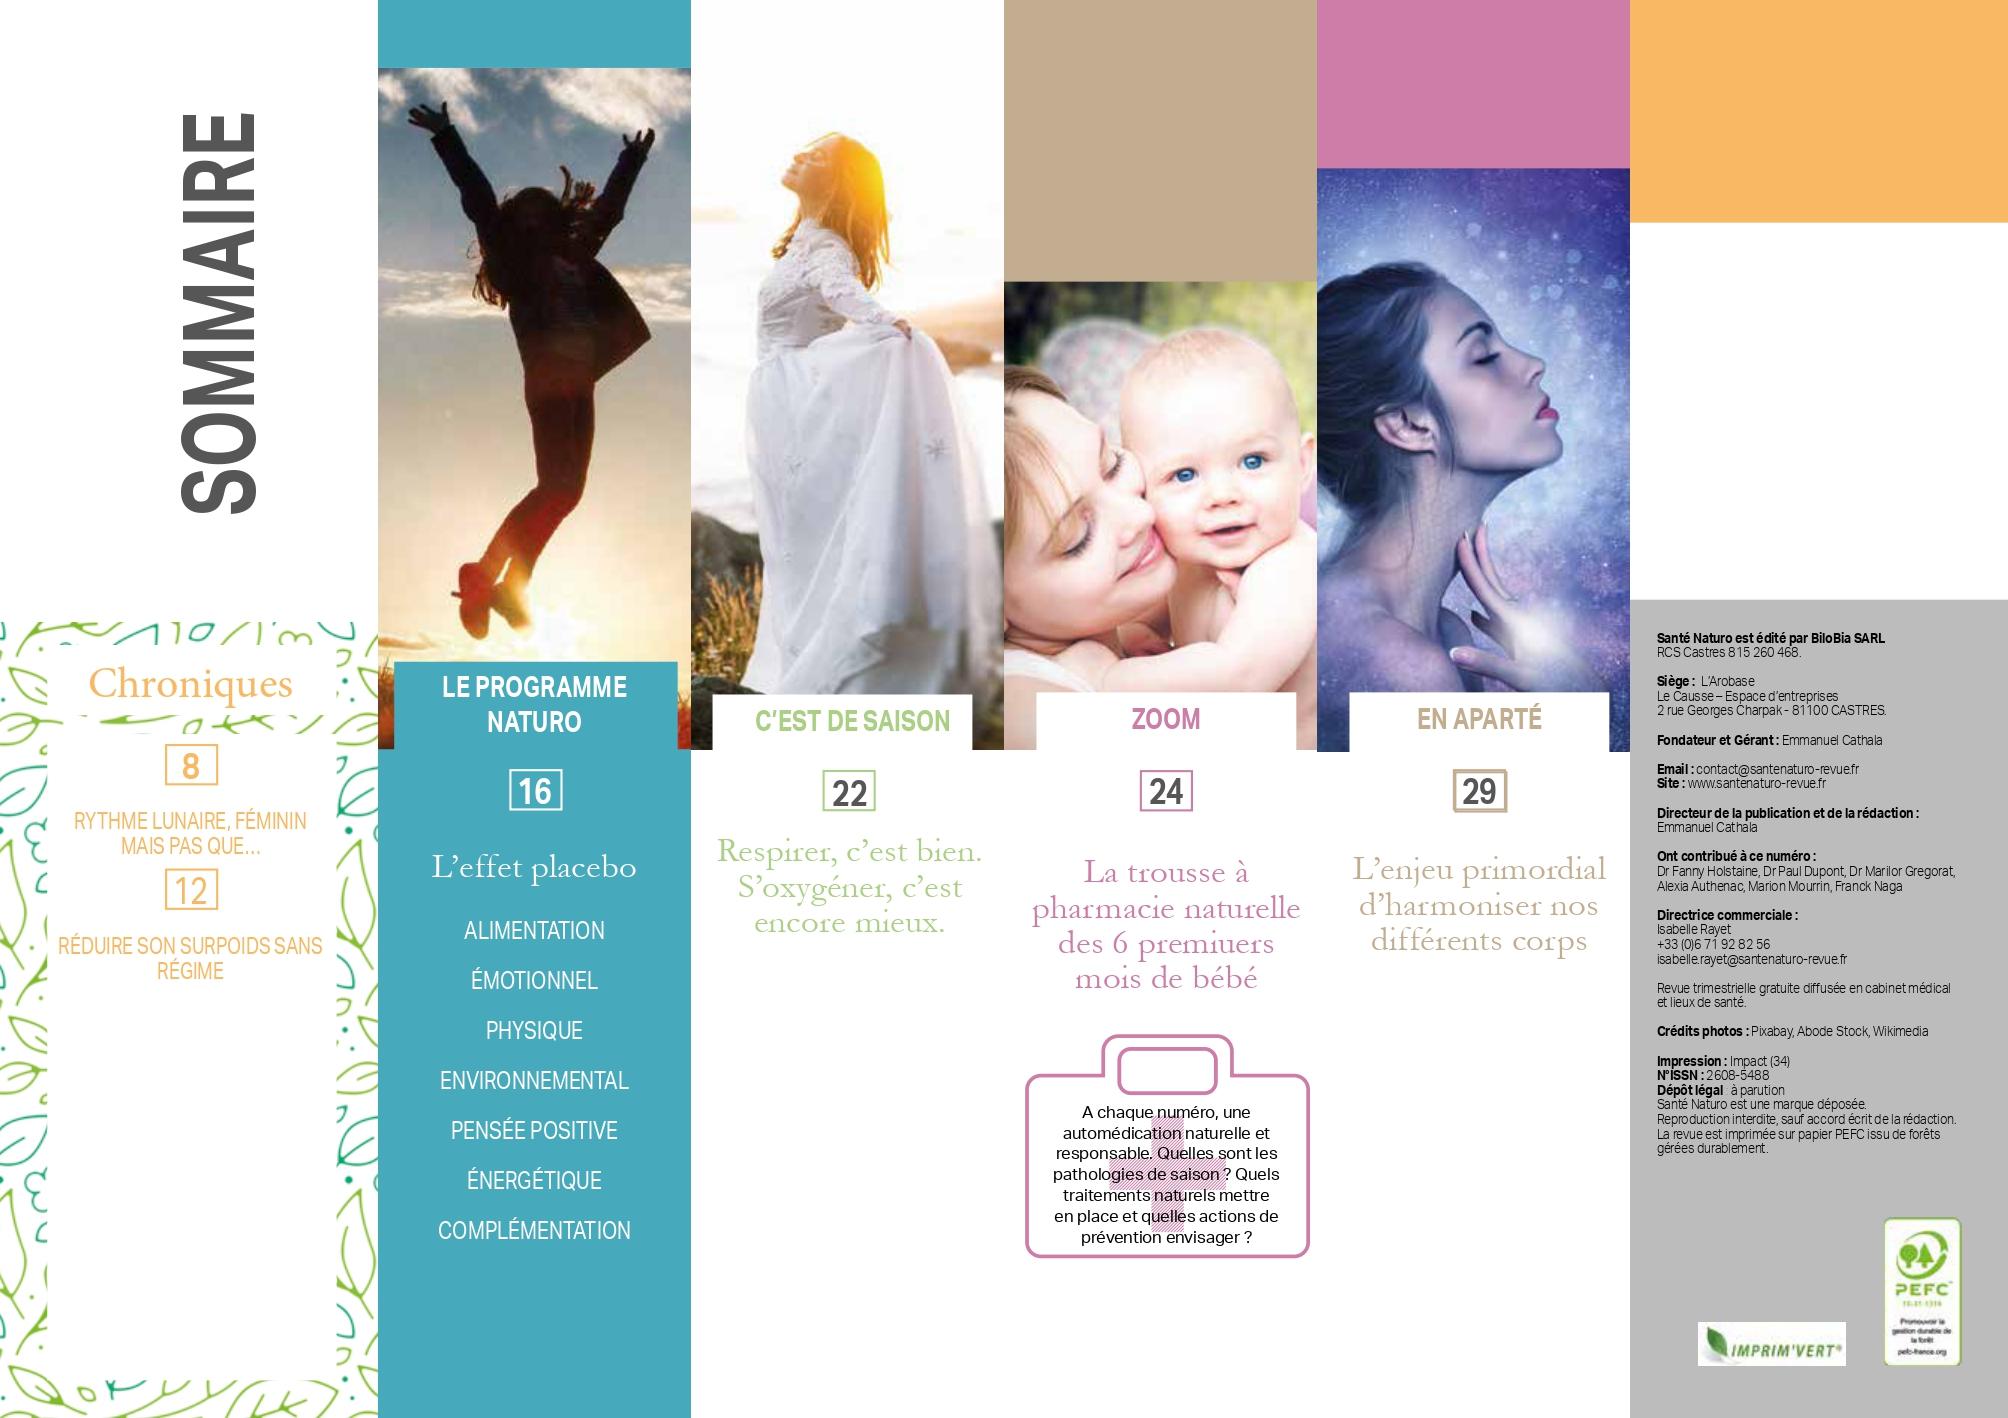 sante-naturo-15-naturopathie-sante-naturelle-integrative-holistique-et-medecines-douces-sommaire